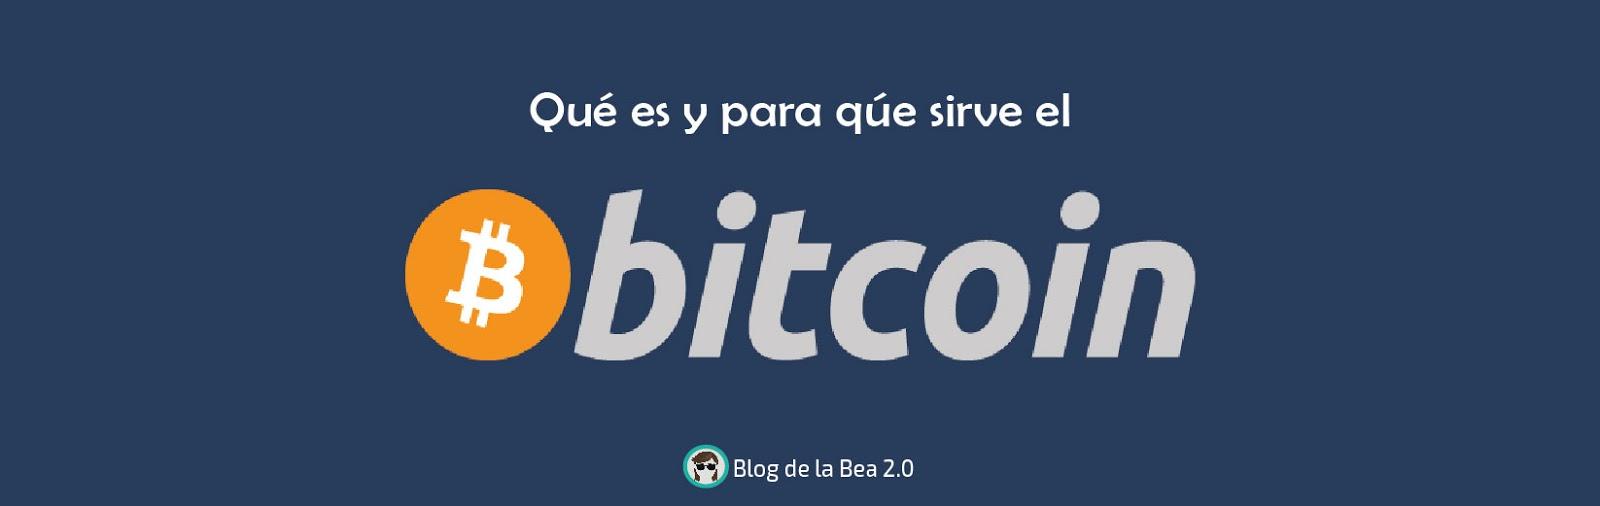 Blog - CV - Beatriz Escalante